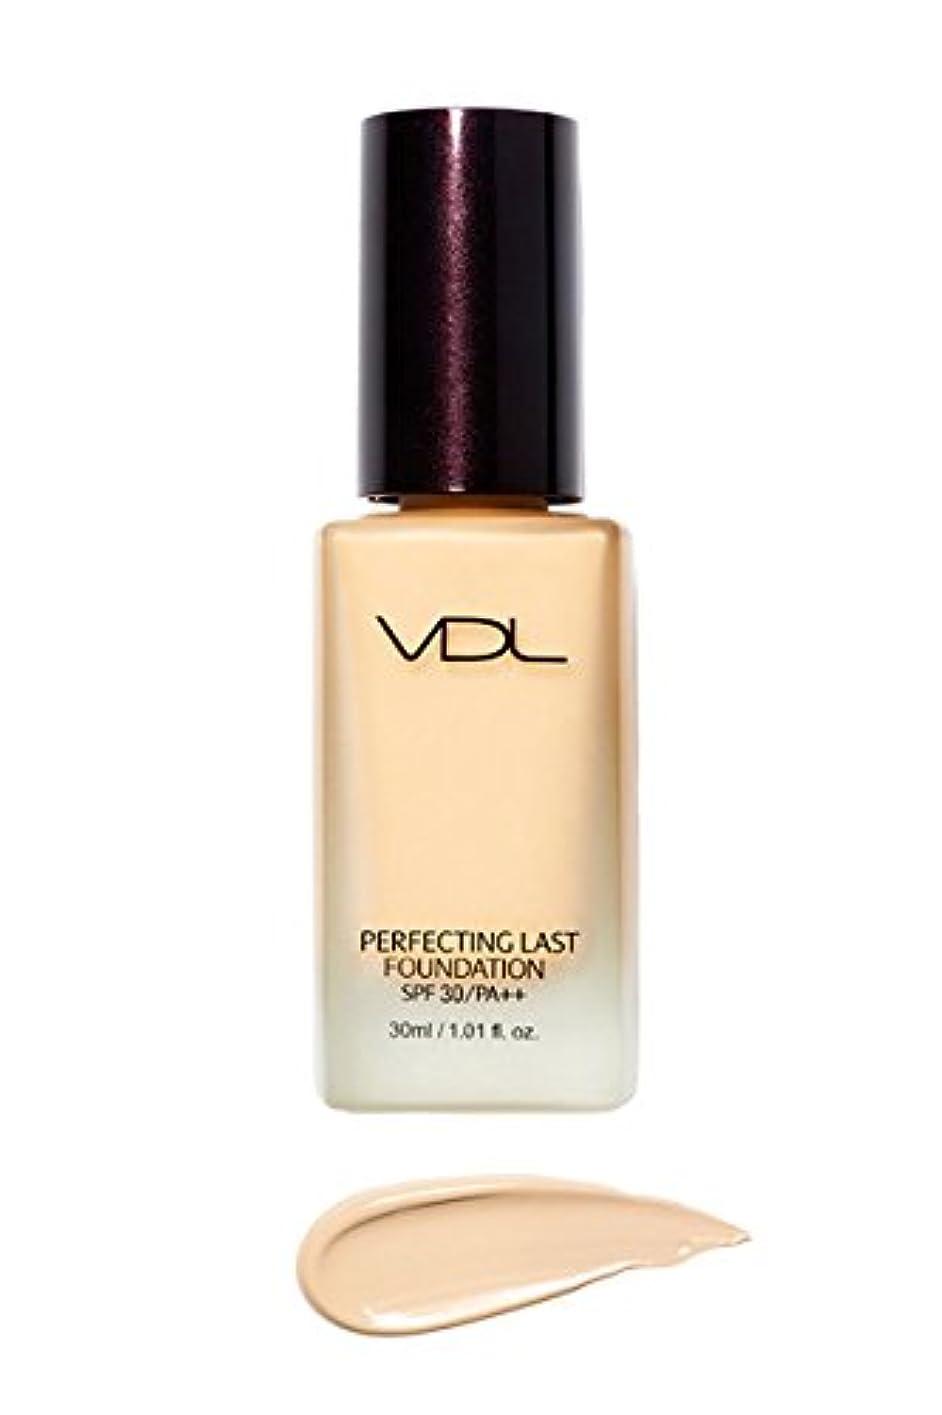 プラットフォーム愛する埋め込むVDL ブイディーエル パーフェクティング?ラスト?ファンデーション SPF30 PA++ 30ml 3類 (Perfecting Last Foundation) 海外直送品 (V02-Vanilla Base-)